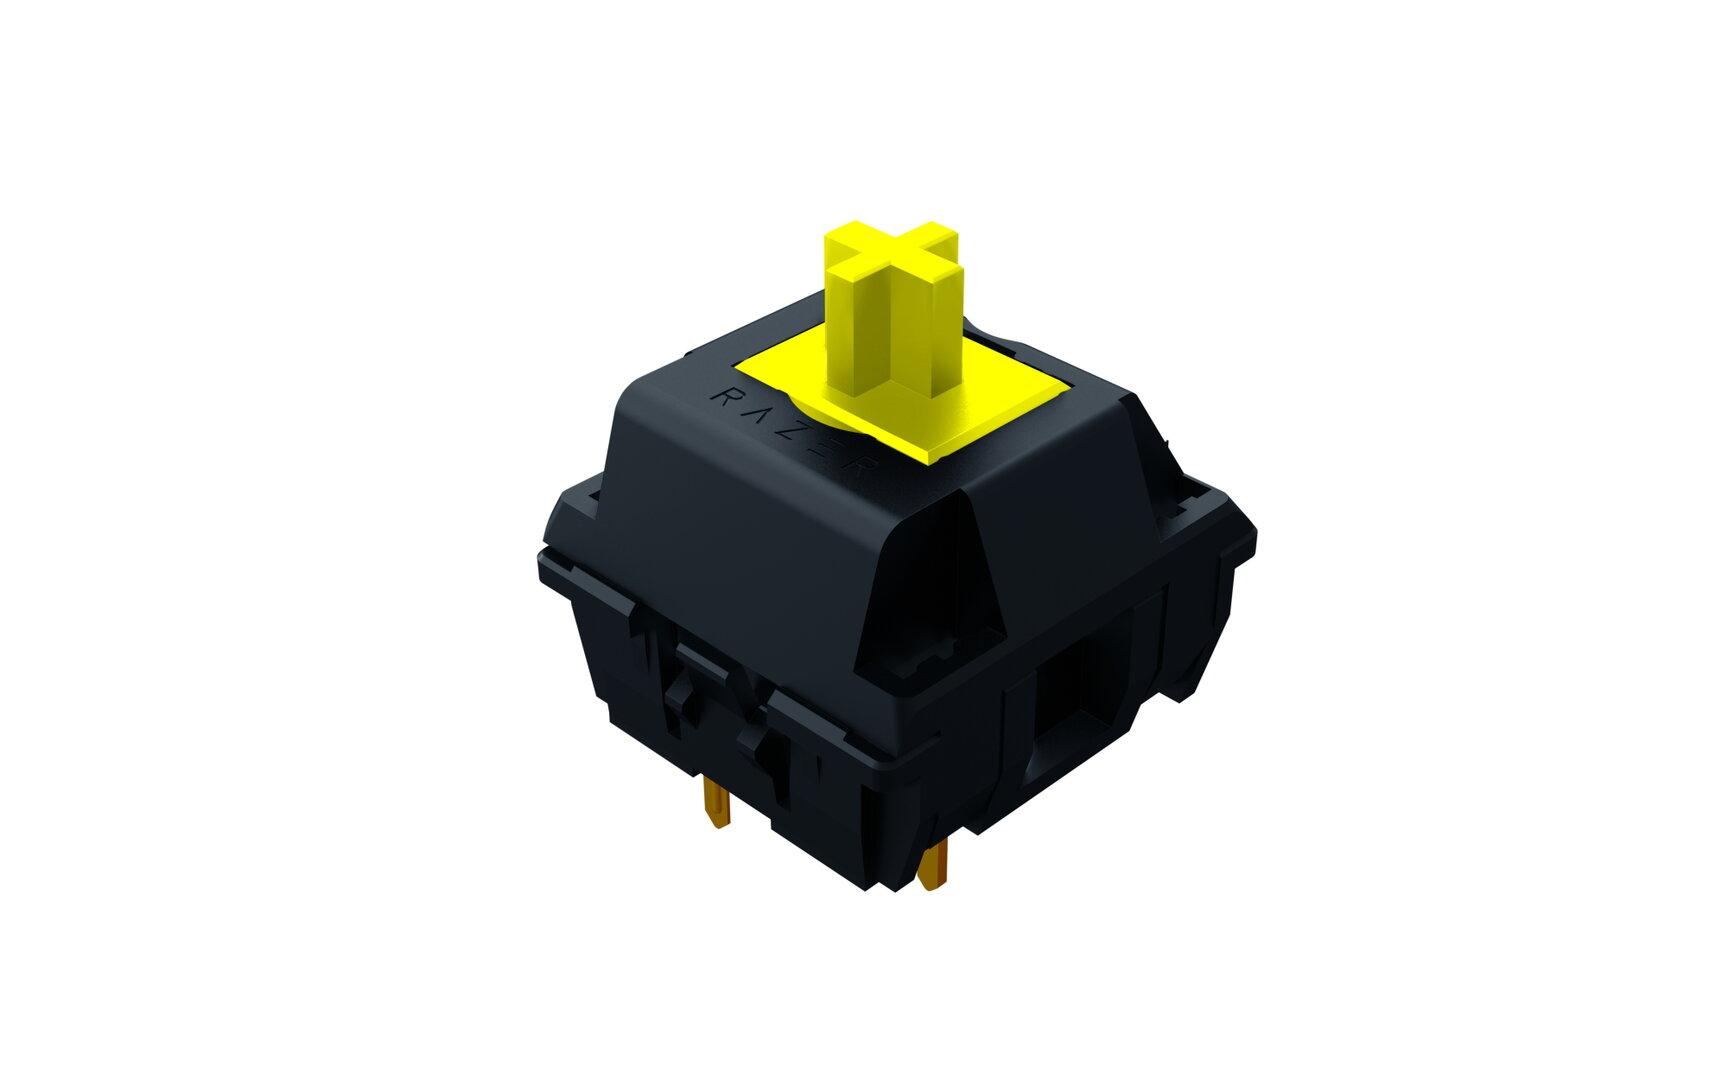 Razer nutzt Yellow-Taster im Raion